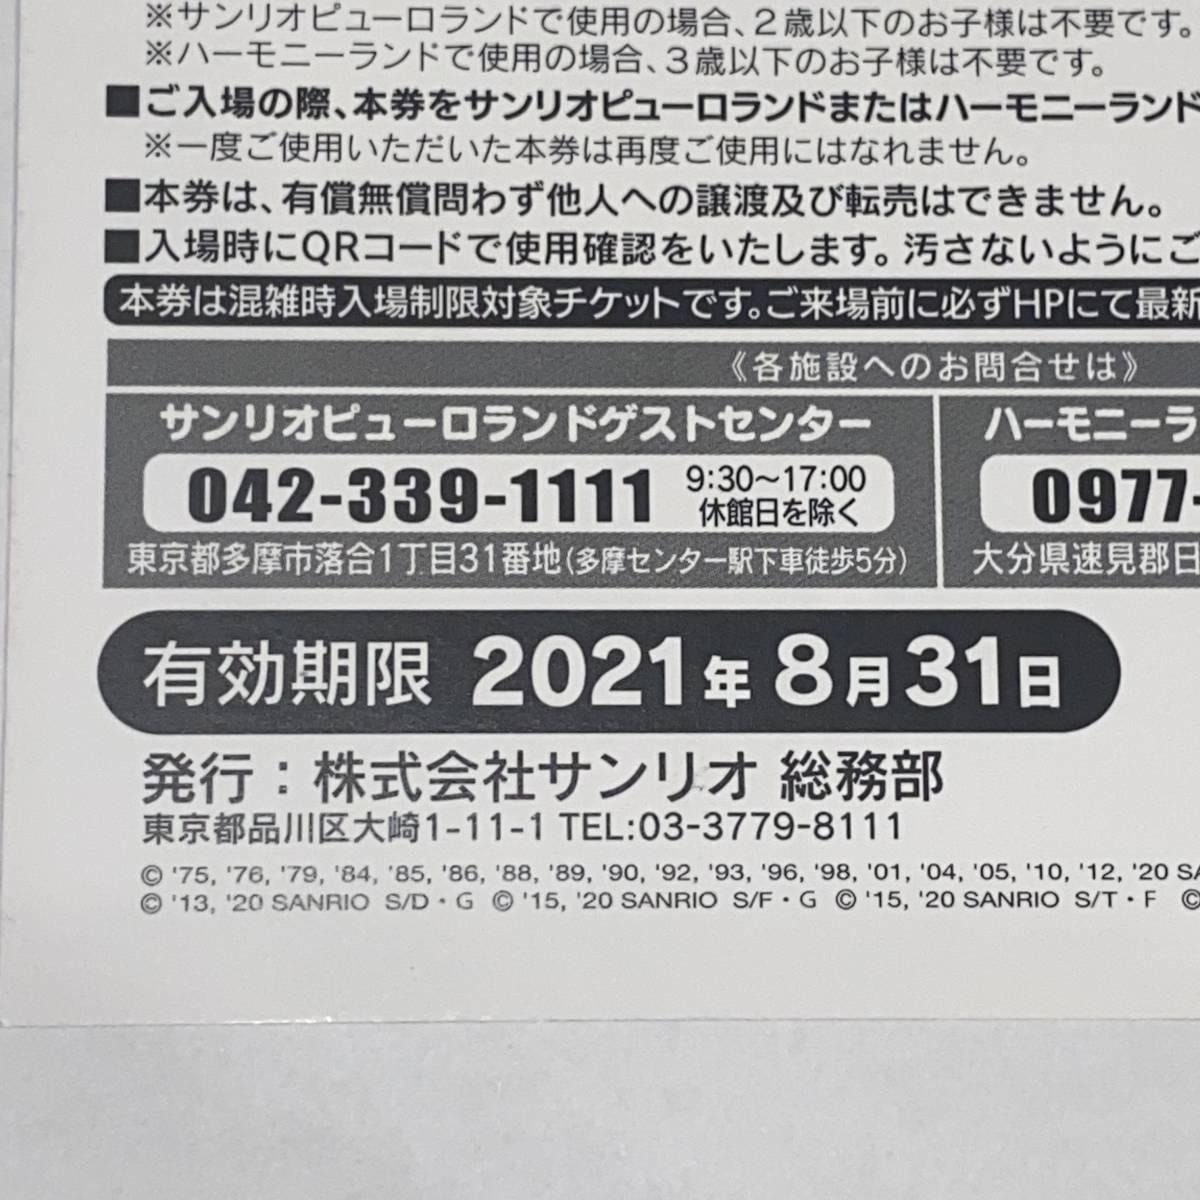 サンリオピューロランド 株主優待券 3枚 2021年8月31日まで★18836_画像2